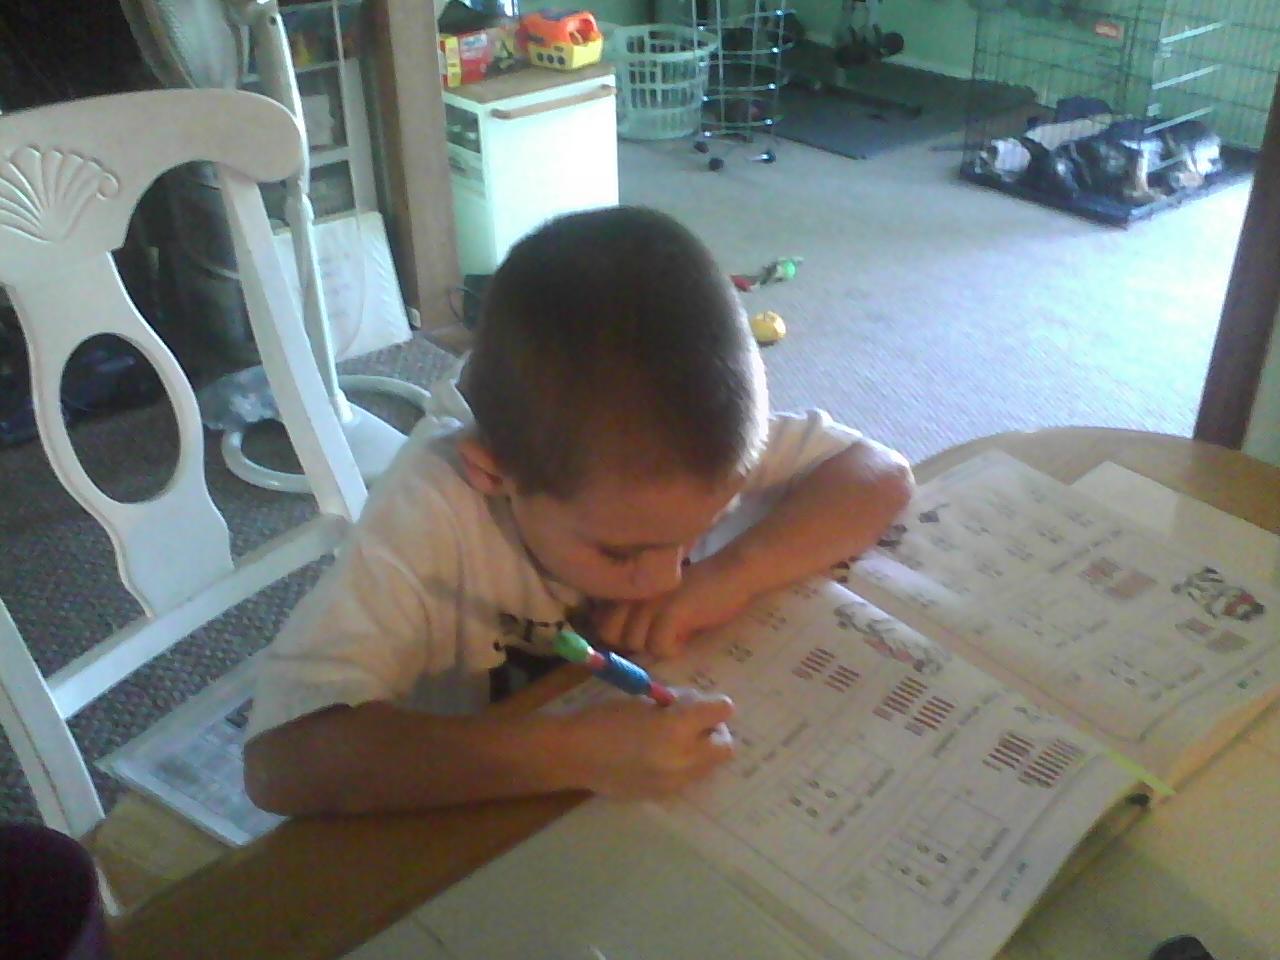 http://1.bp.blogspot.com/_tLpLweZypXQ/TSedqxagPmI/AAAAAAAABkg/HpvHpc9r1Dc/s1600/Ian%2BSchoolwork.jpg